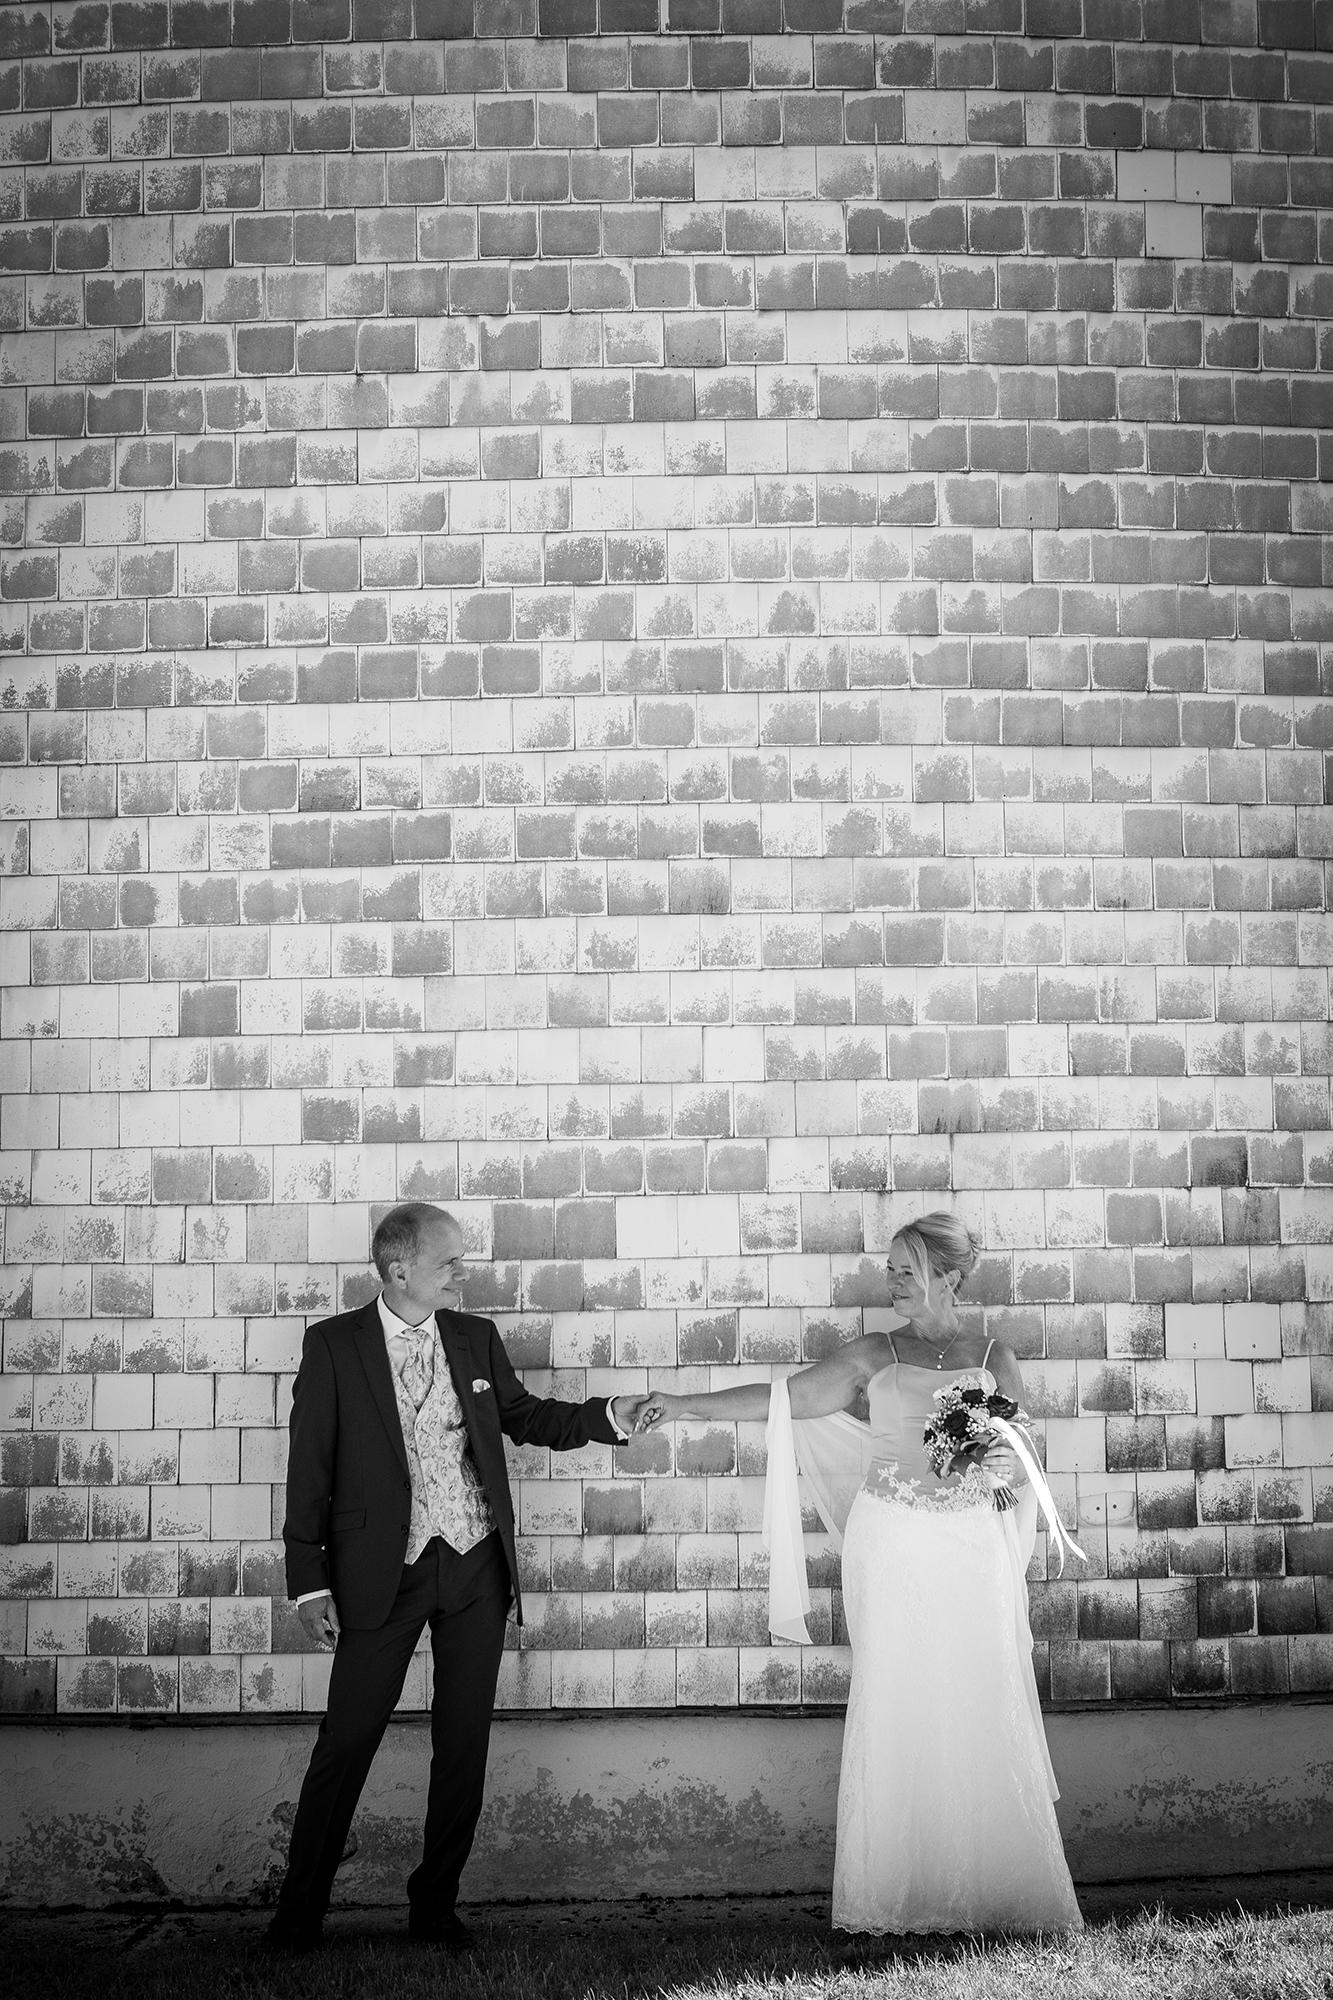 HochzeitWarnecke©erblehner.com-0184